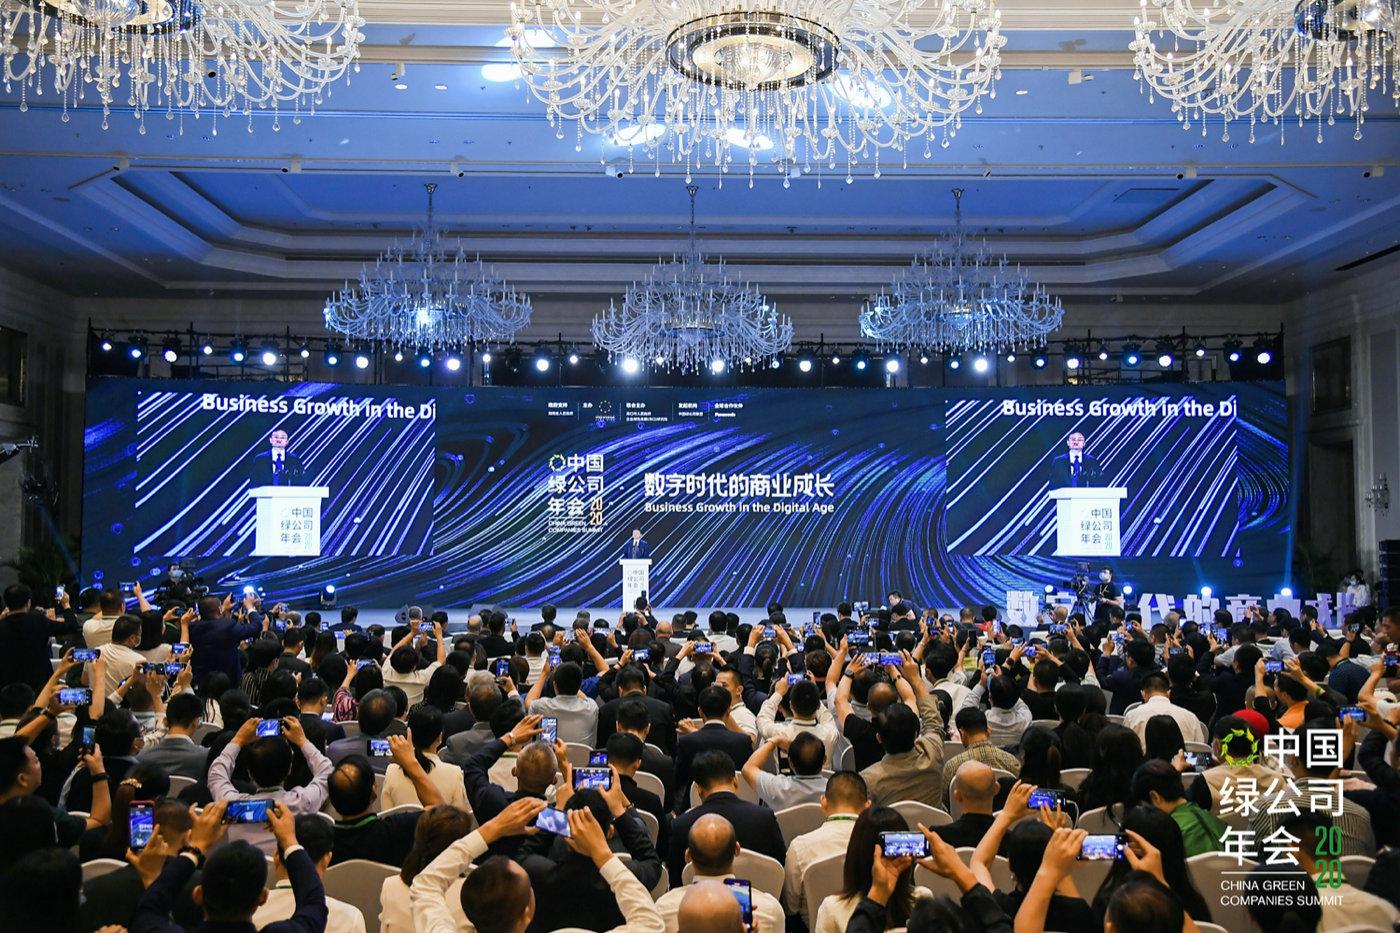 马云绿公司年会分享全球化观点:真正的全球化今天才开始